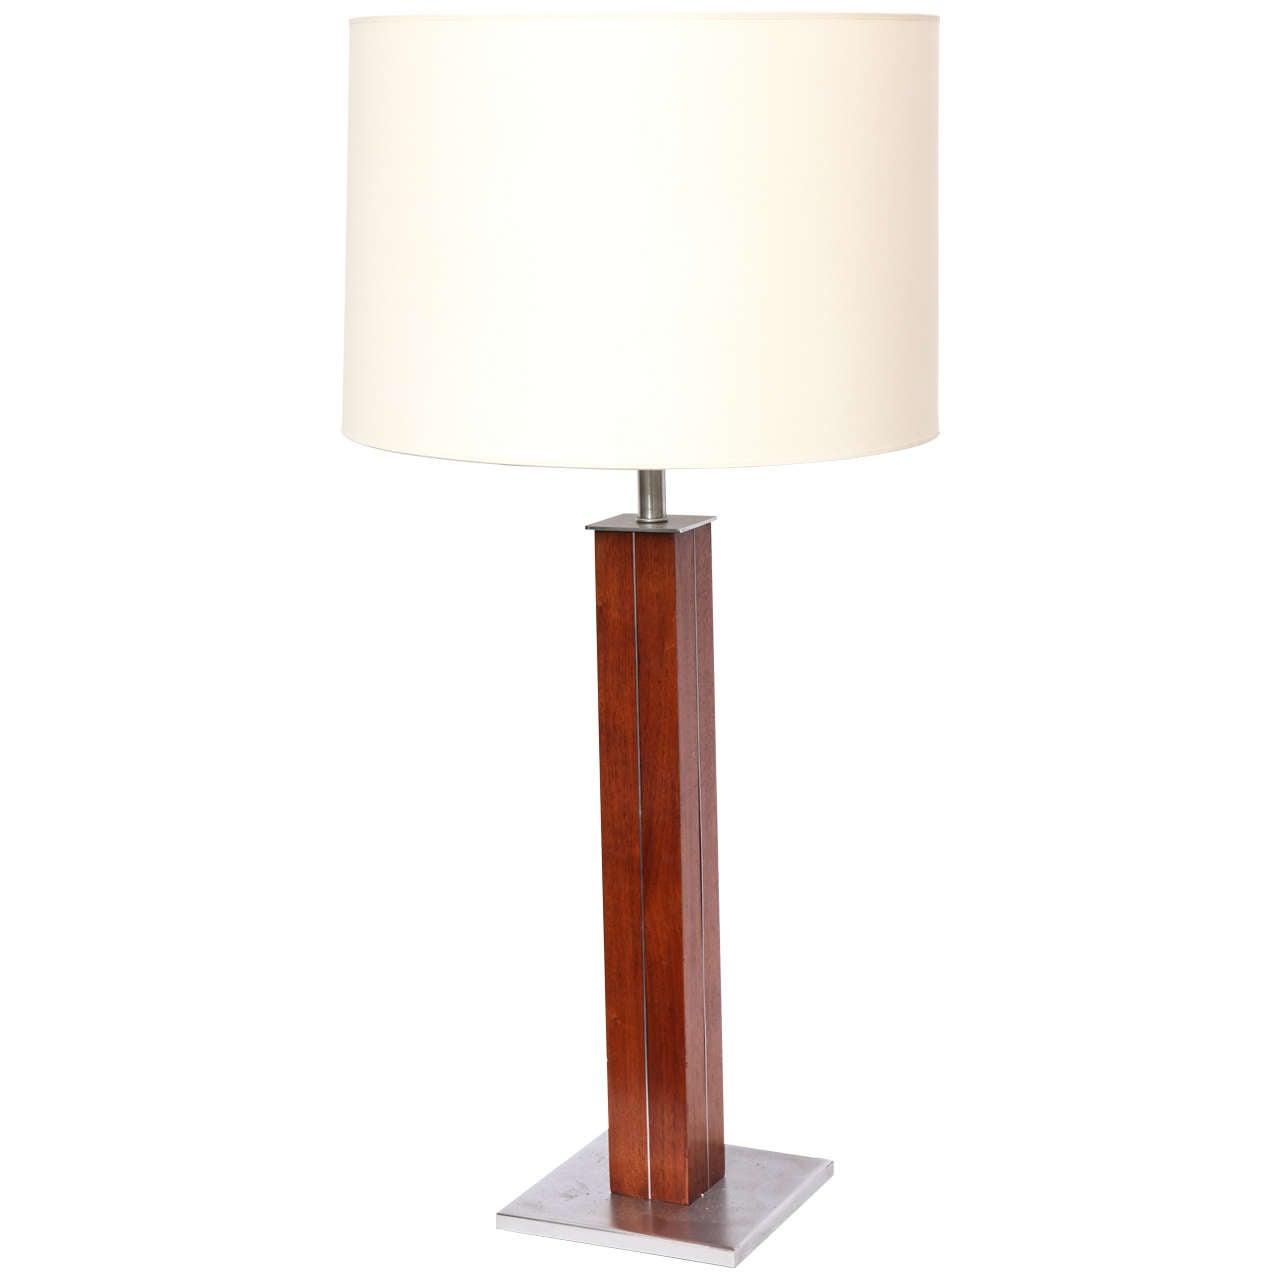 1950s Modernist Table Lamp Signed Nessen